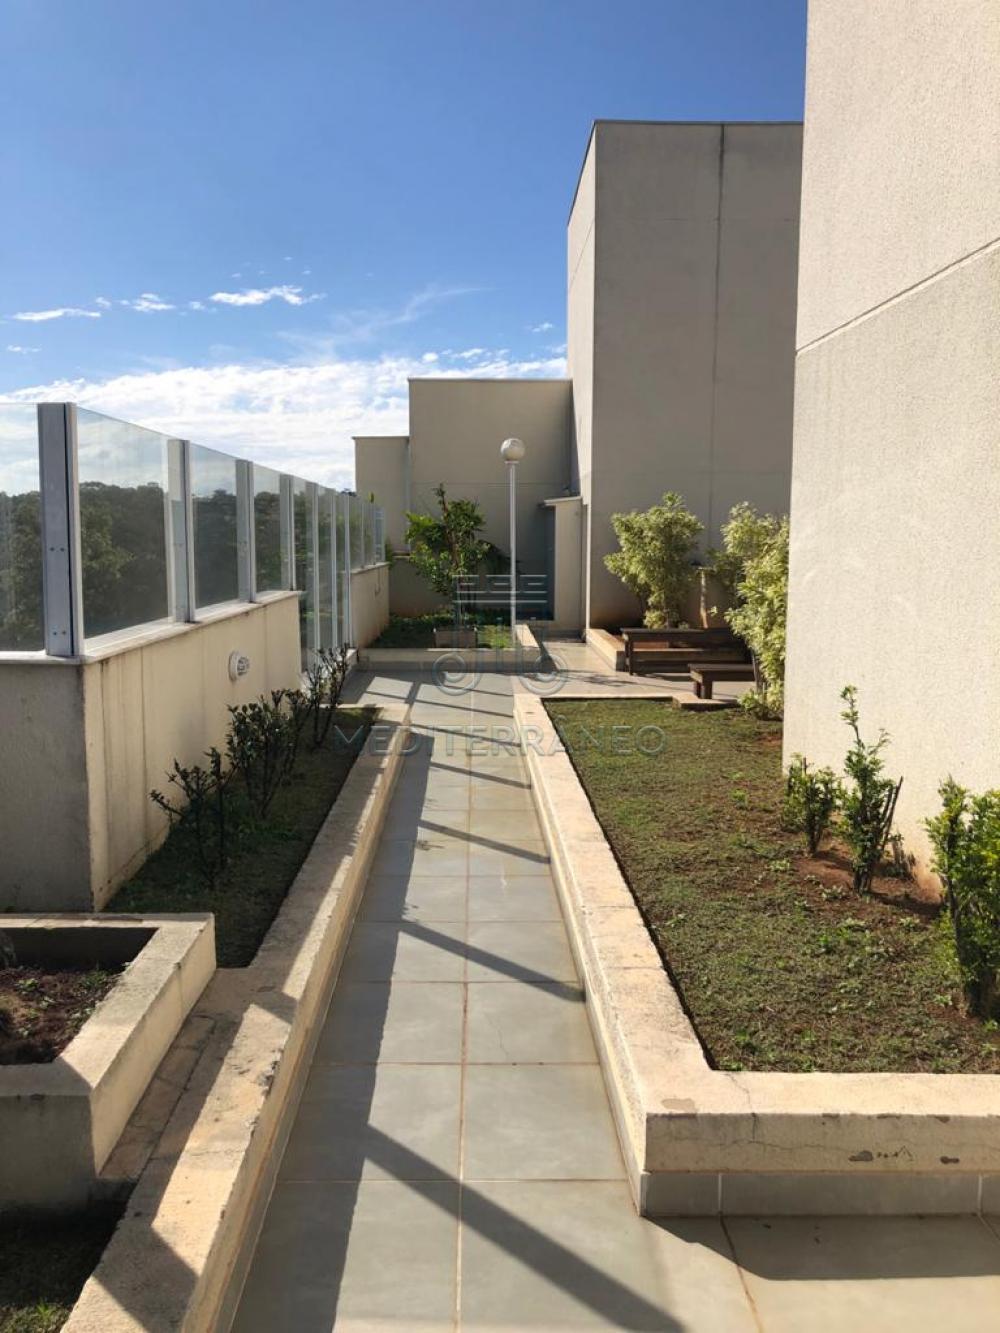 Comprar Apartamento / Padrão em Jundiaí apenas R$ 650.000,00 - Foto 27